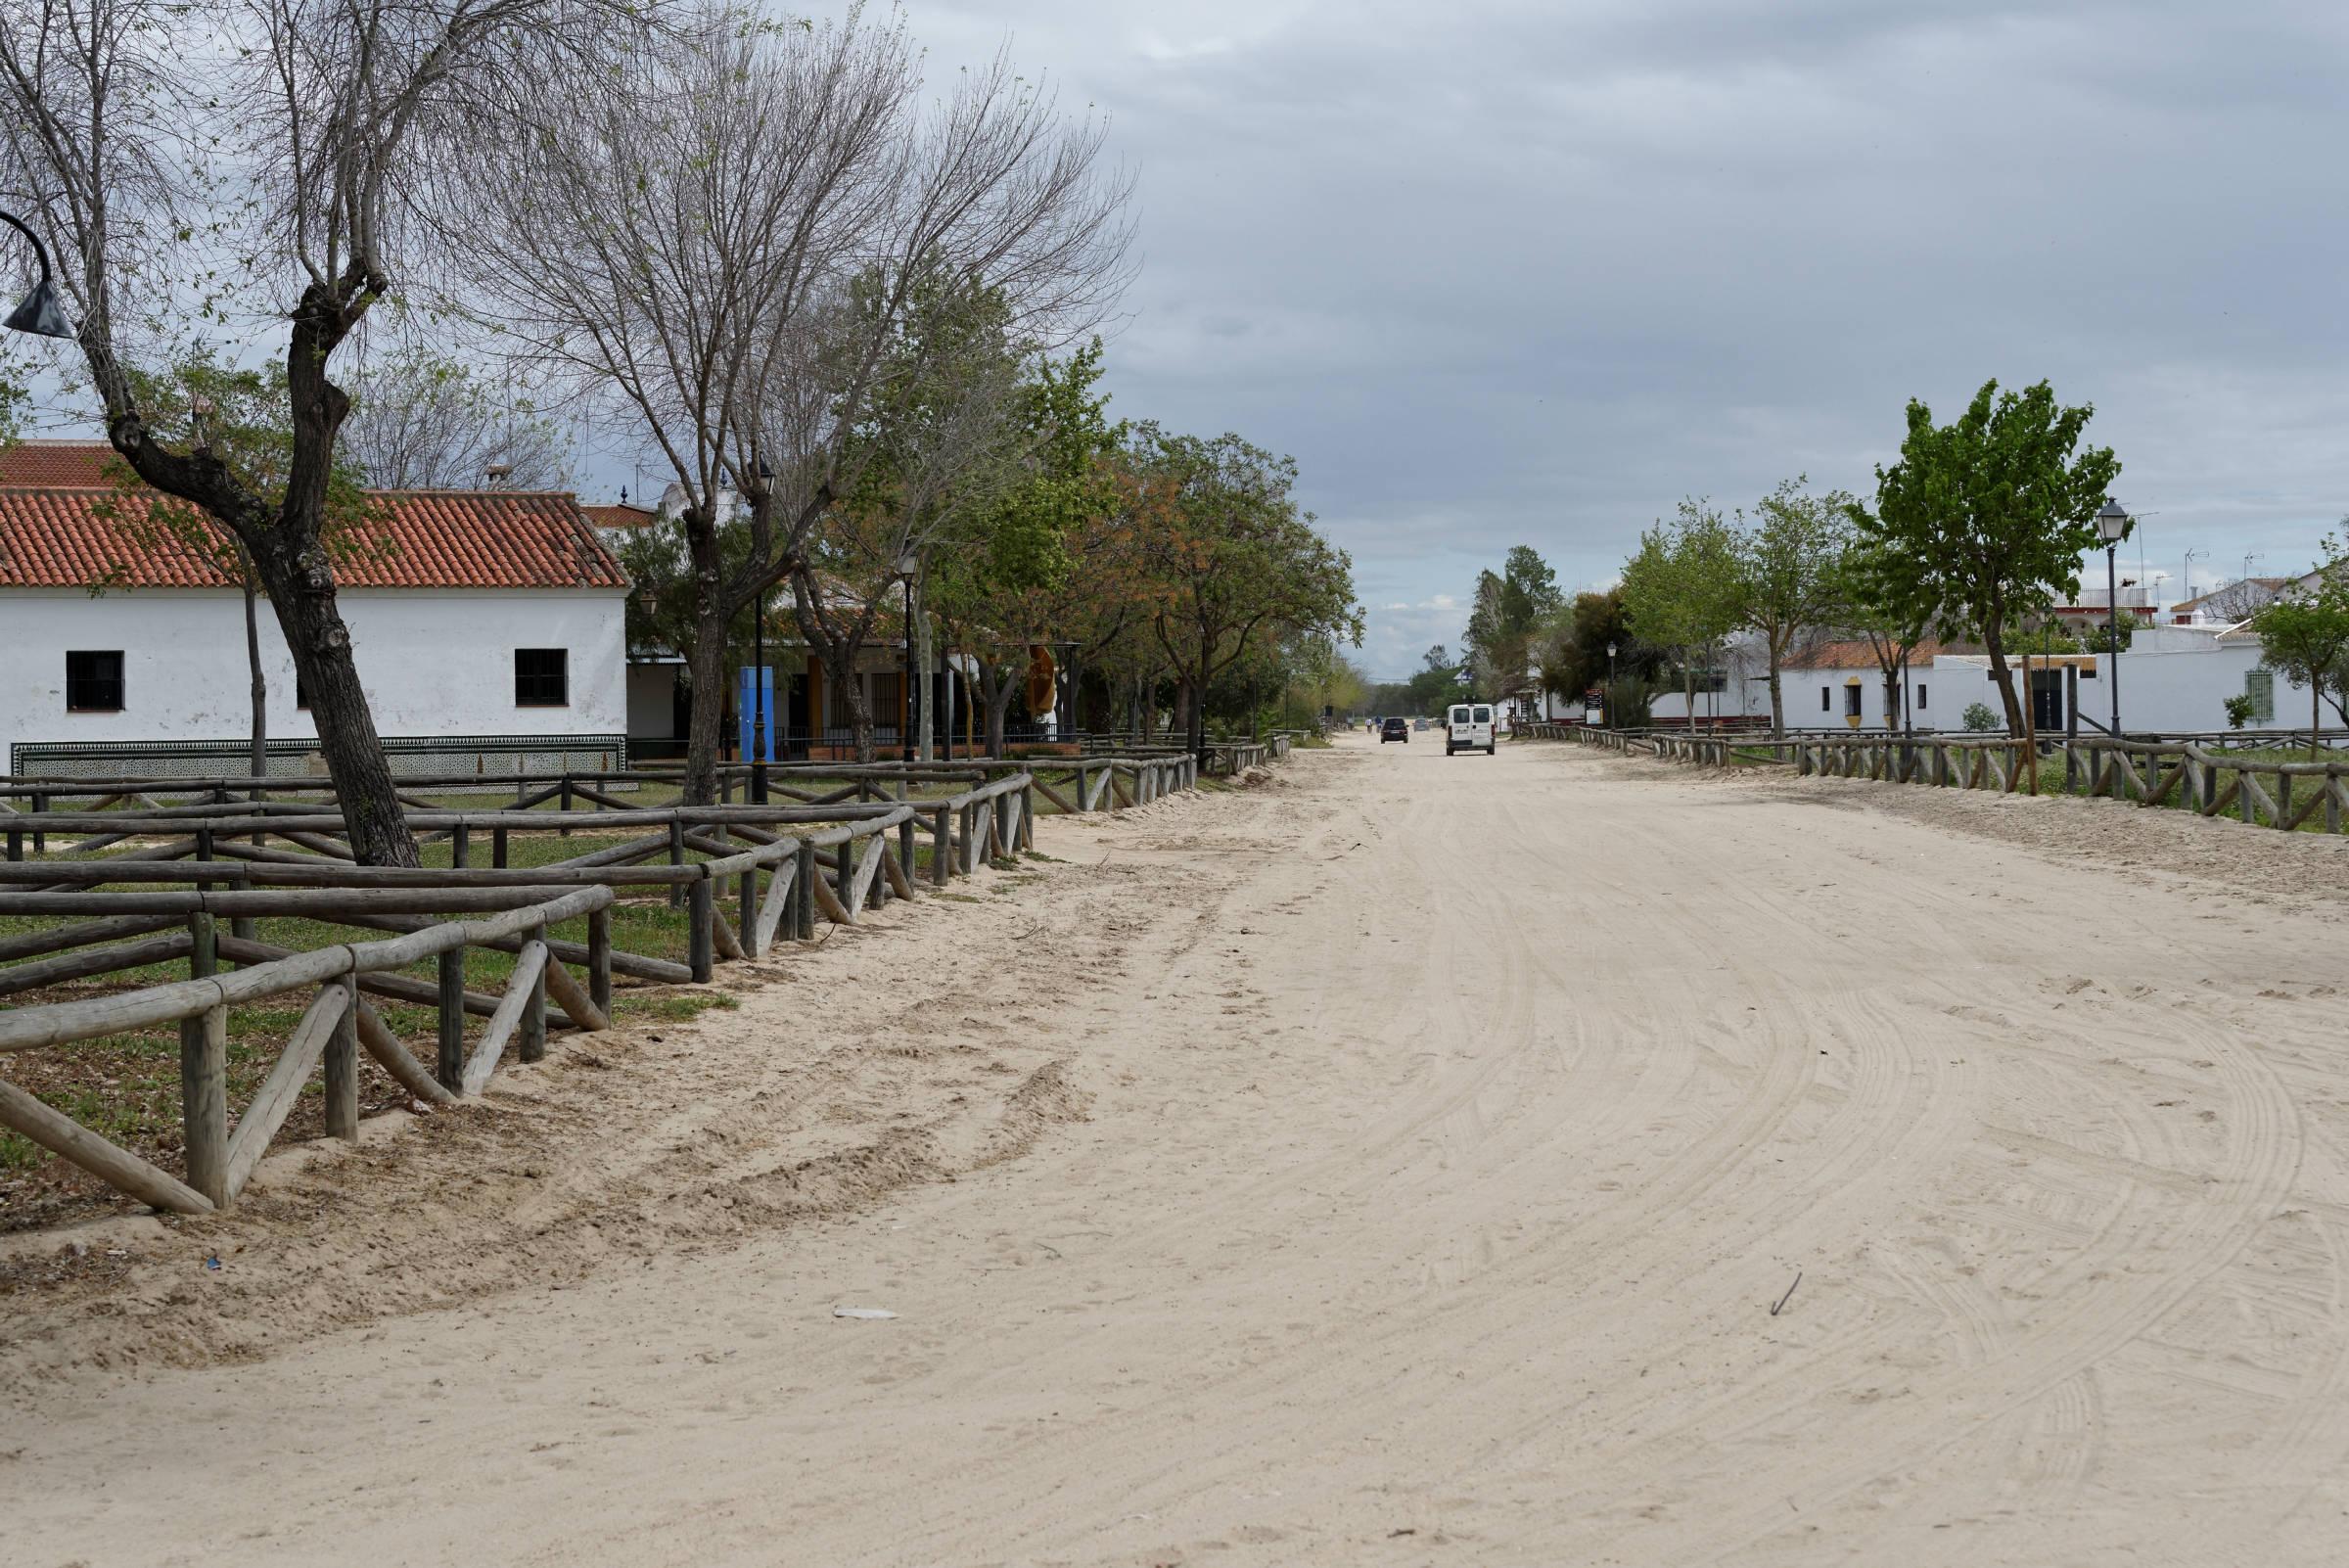 160409-El Rocio (Andalousie) (1161)